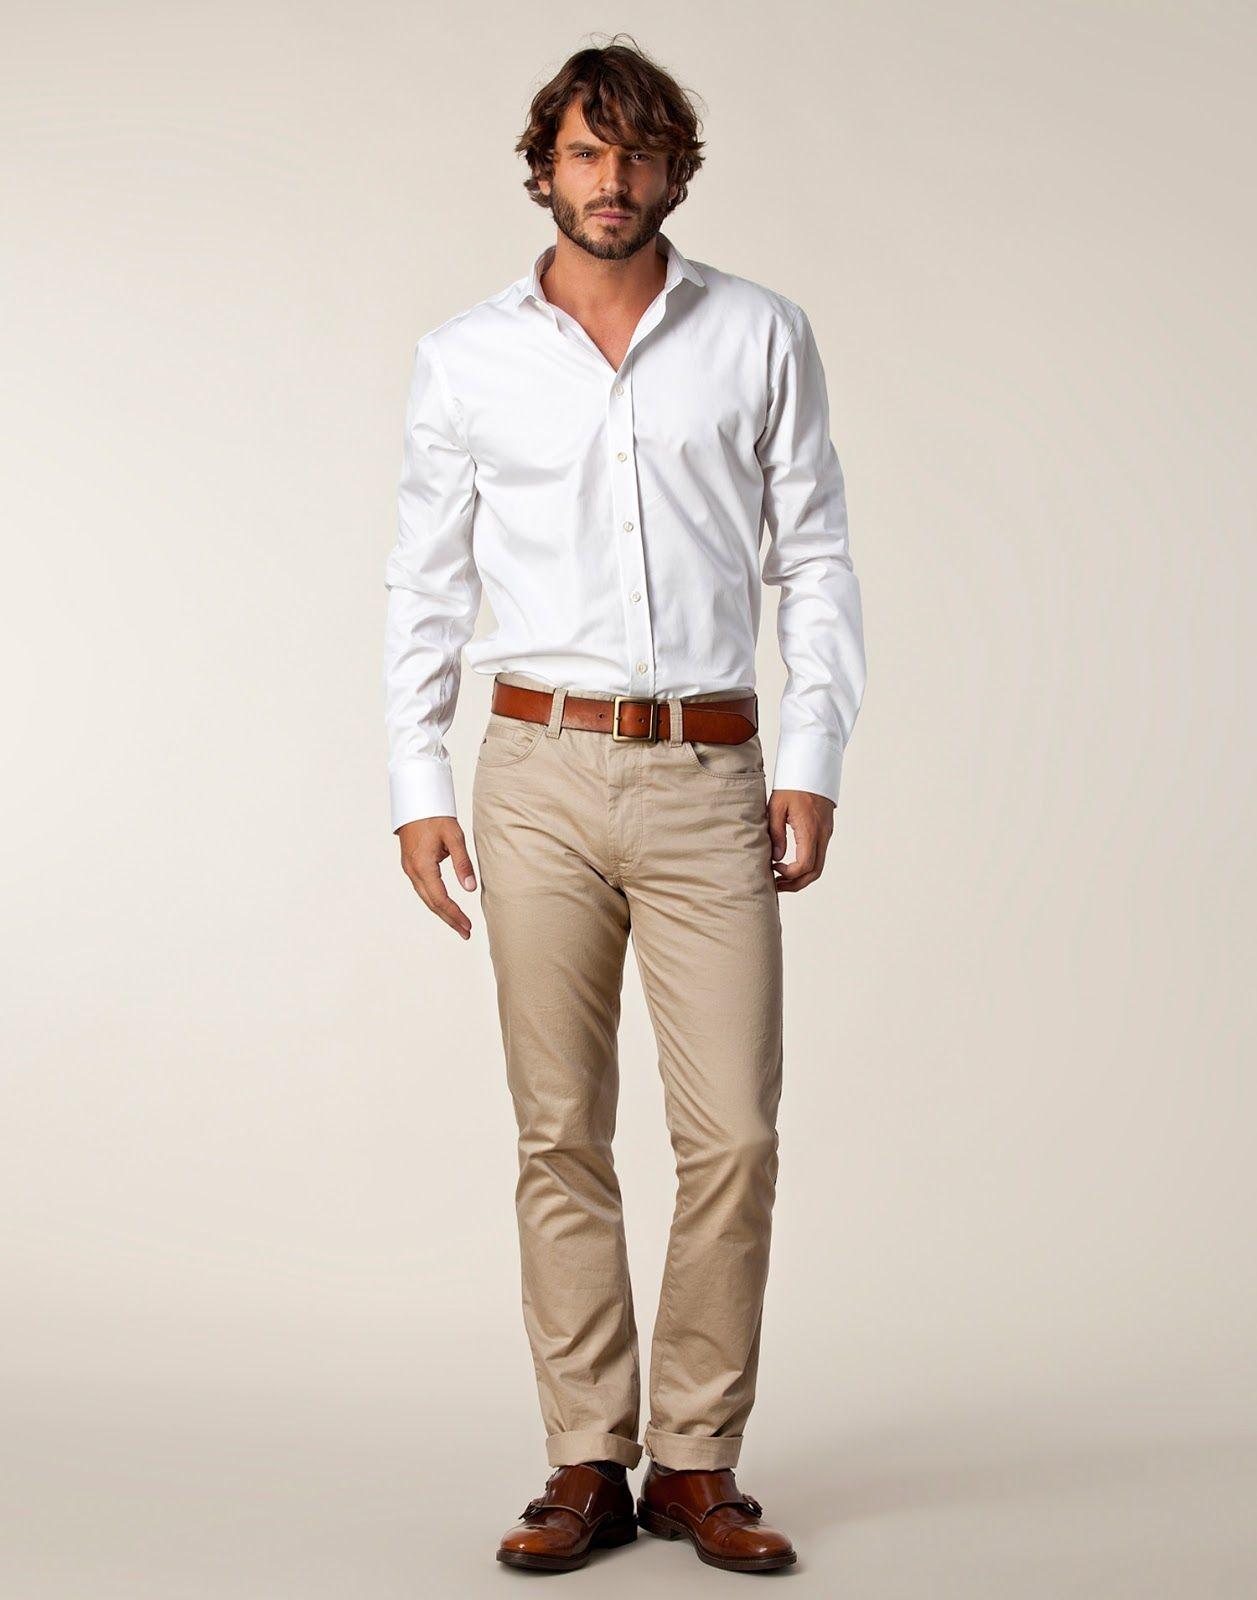 4f5dbb44c38 Camisas clásicas para Hombres | *MODA MASCULINA* | Camisas y Hombres